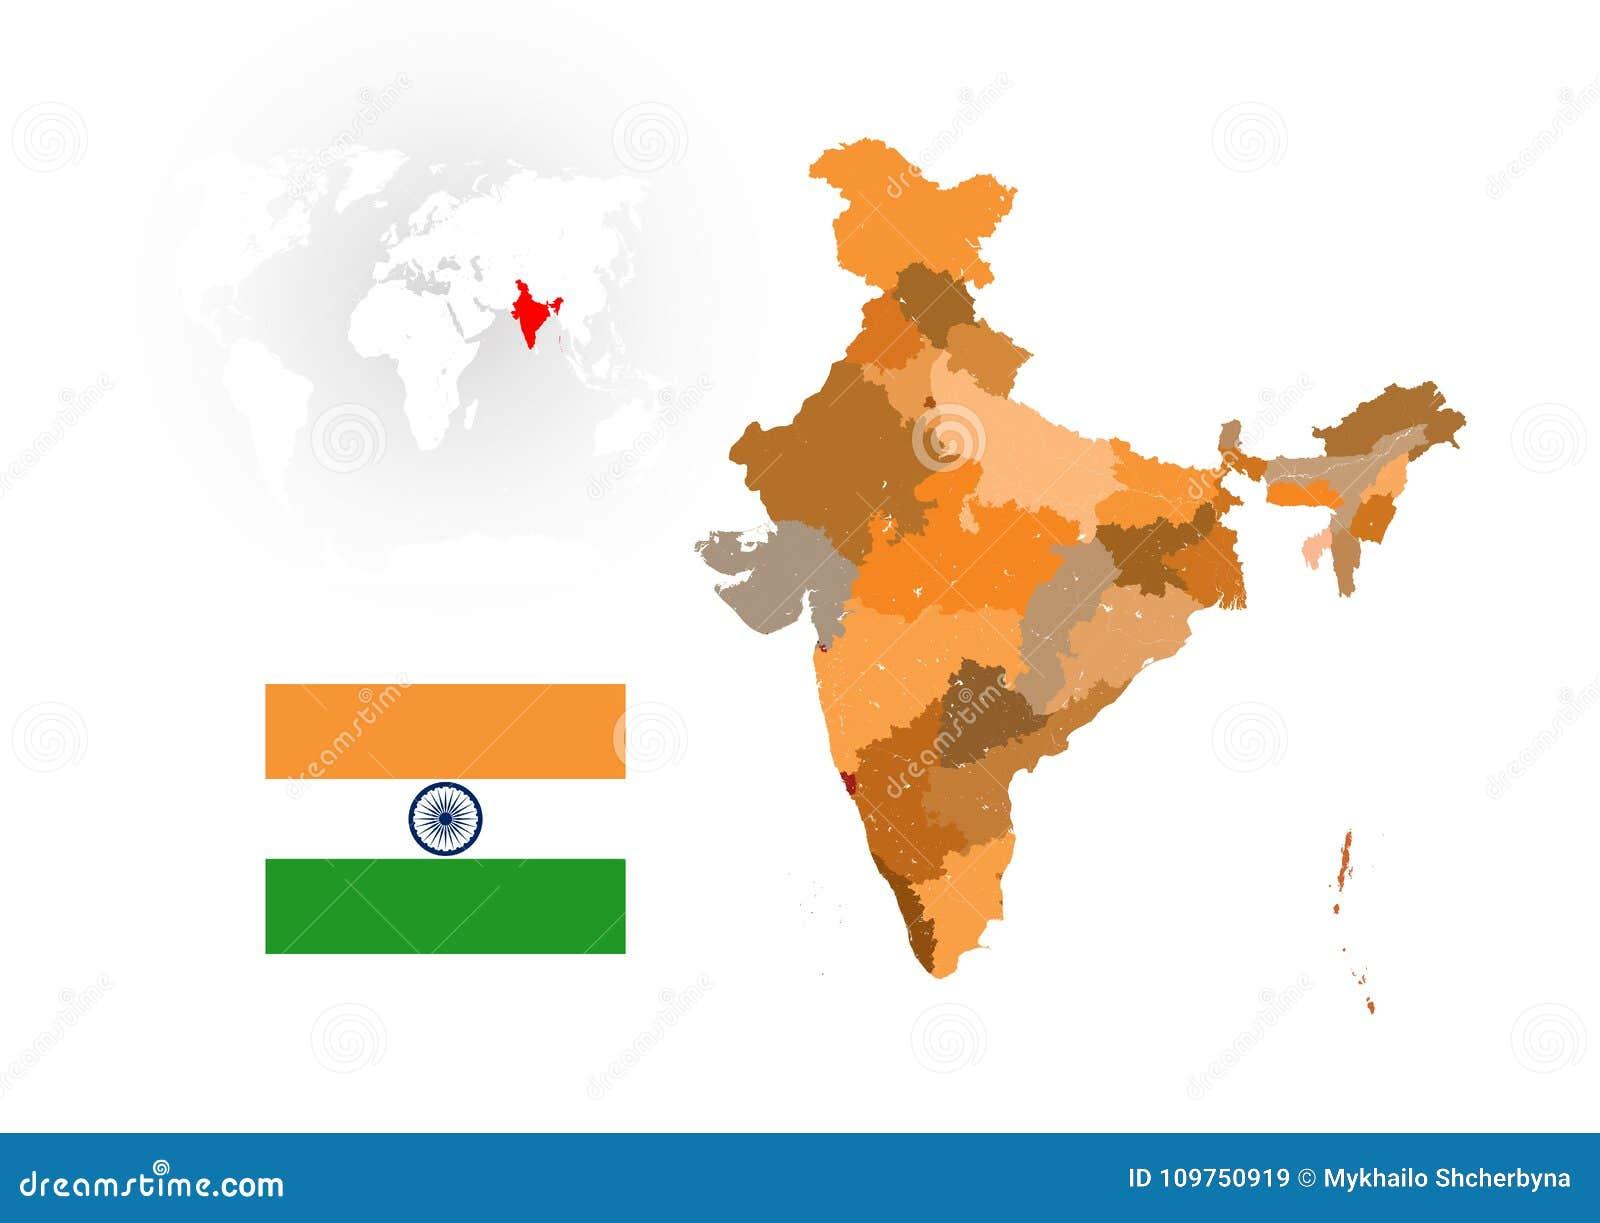 Mapa Rios Del Mundo.Mapa De La India Con Los Rios Y Los Lagos Ilustracion Del